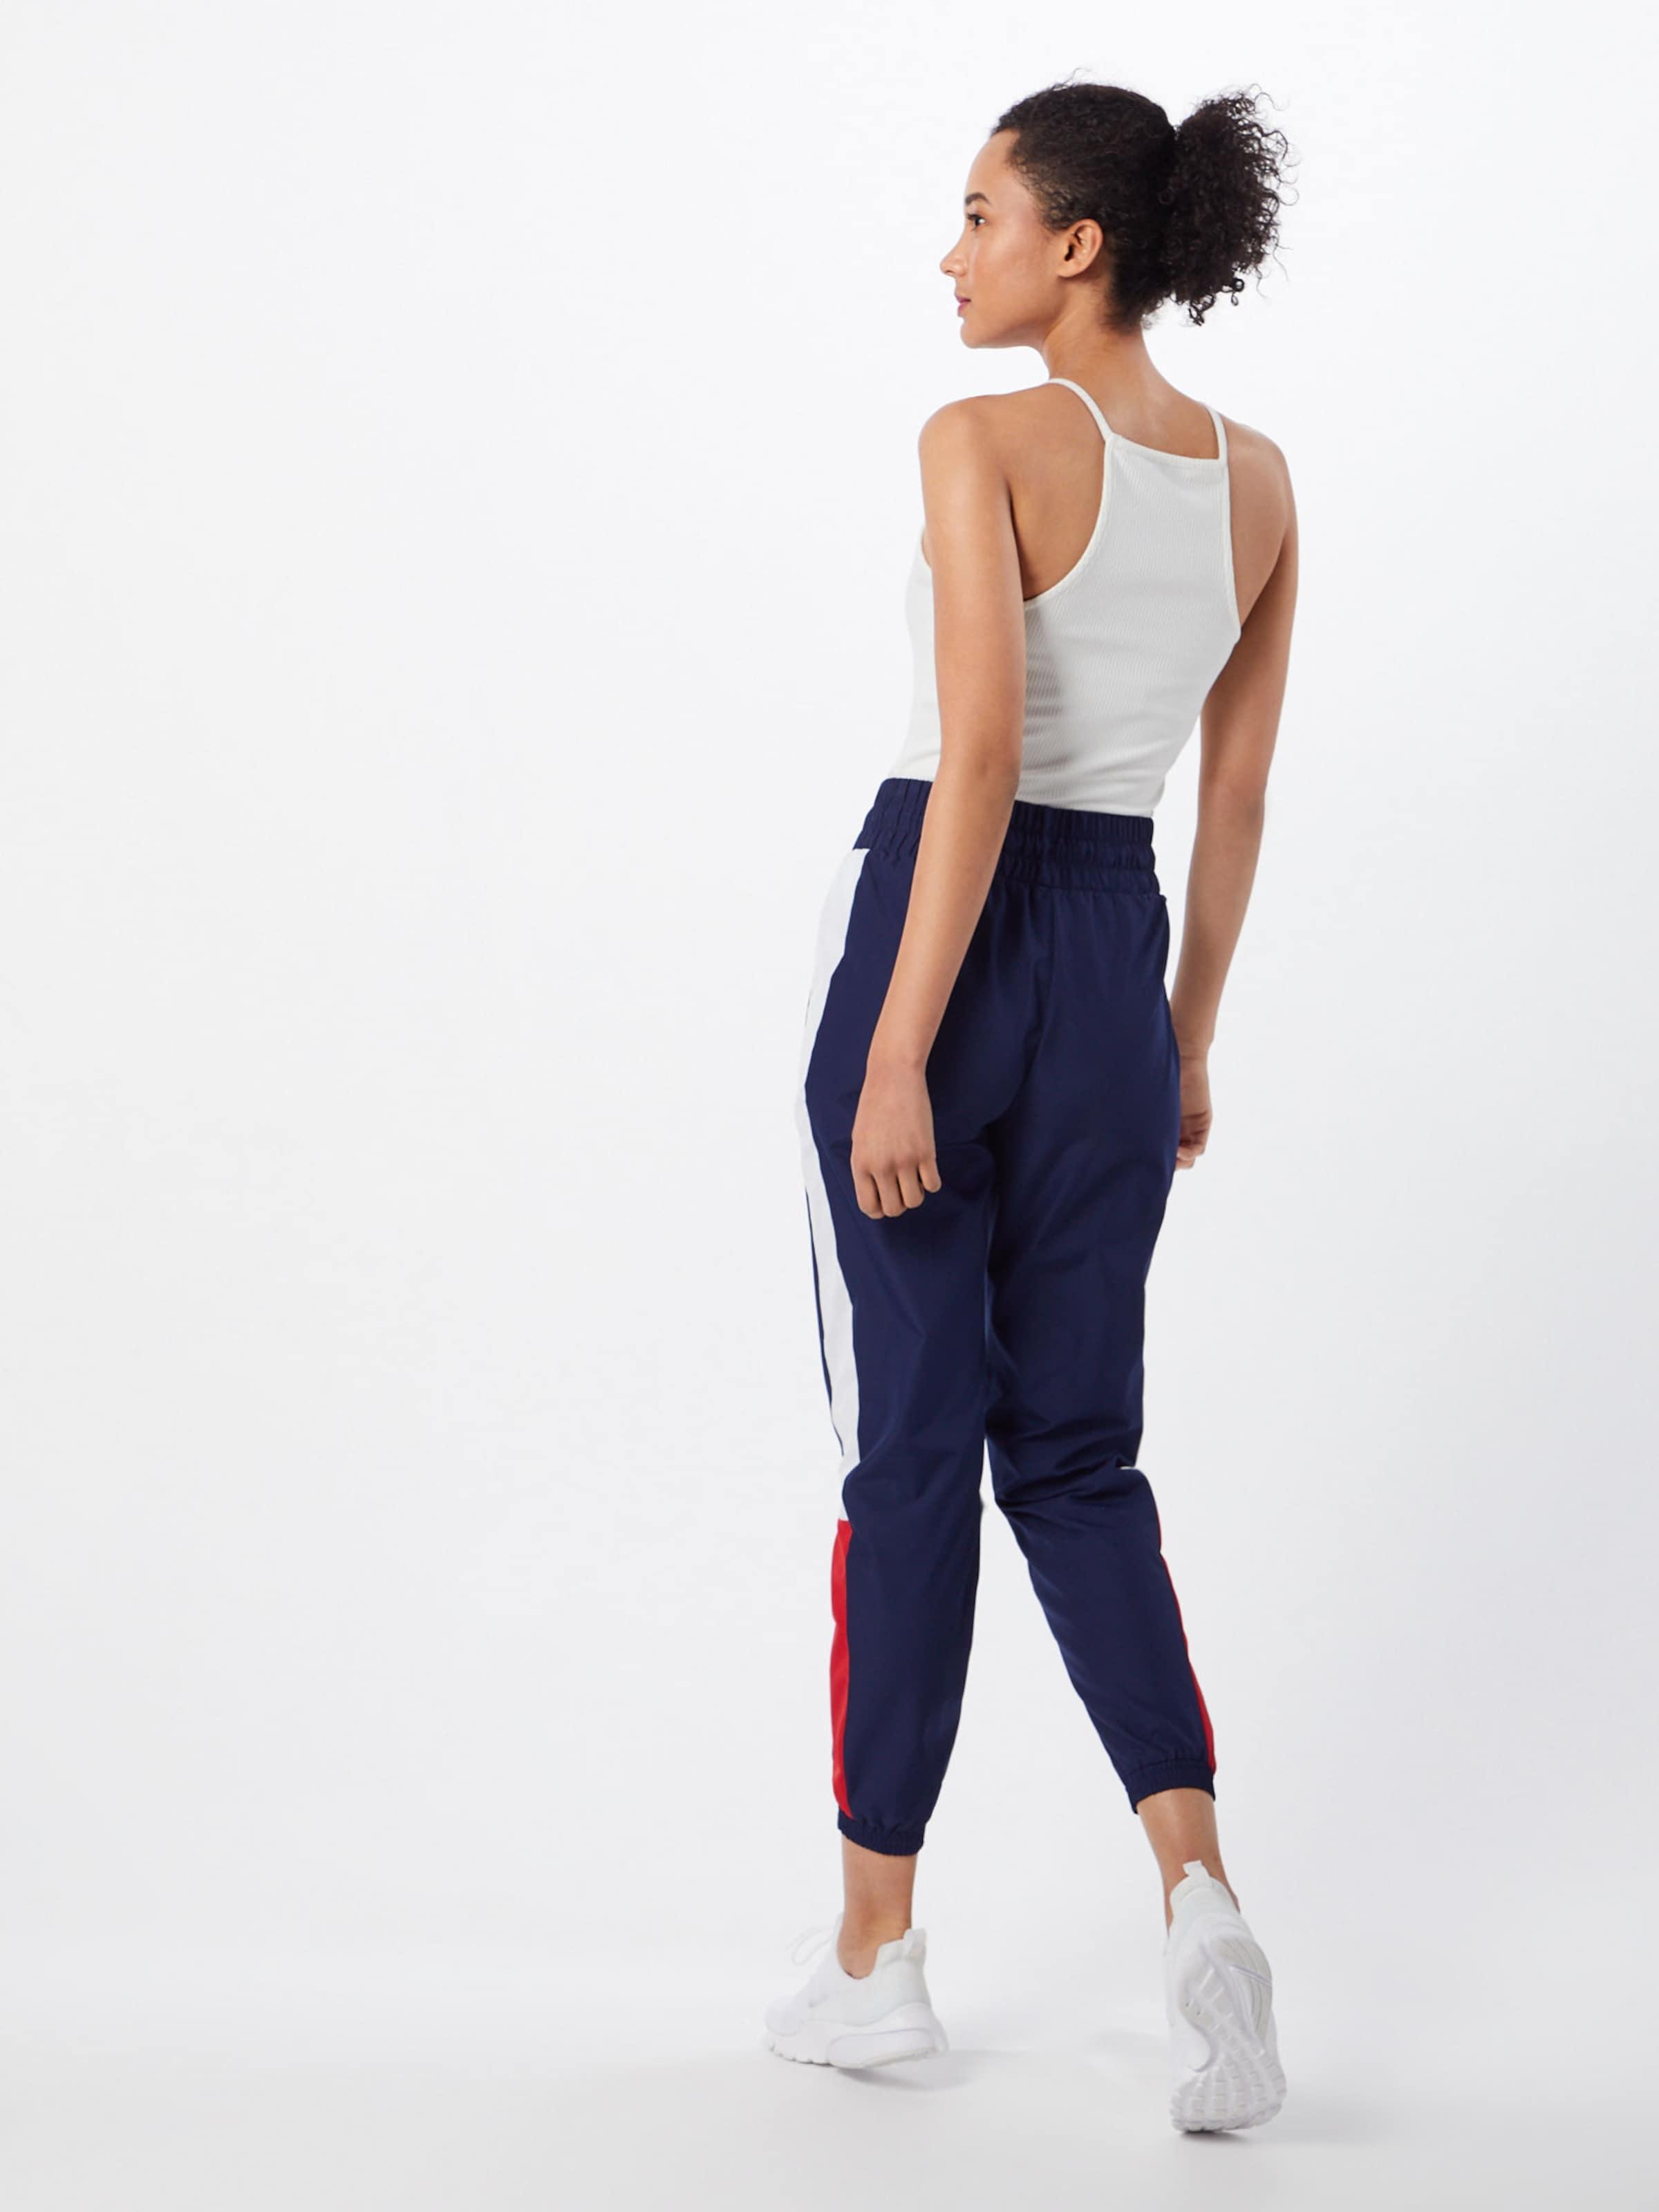 Wind Balance ' 'athletics Bleu MarineRouge Pantalon En New Blanc 80kwPXnO